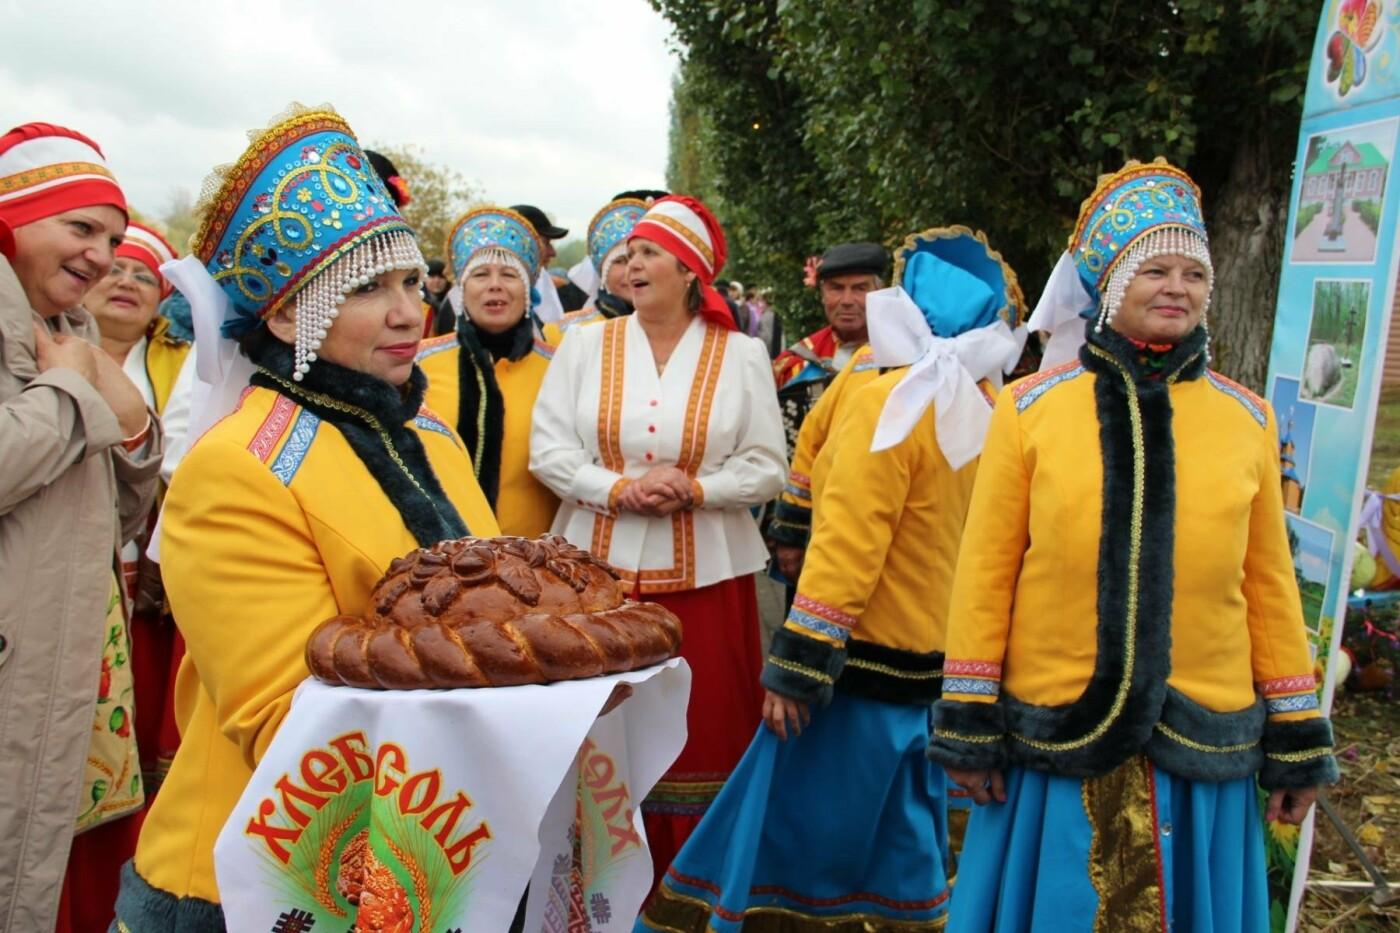 В Тамбове определились со сроками проведения Покровской ярмарки, фото-1